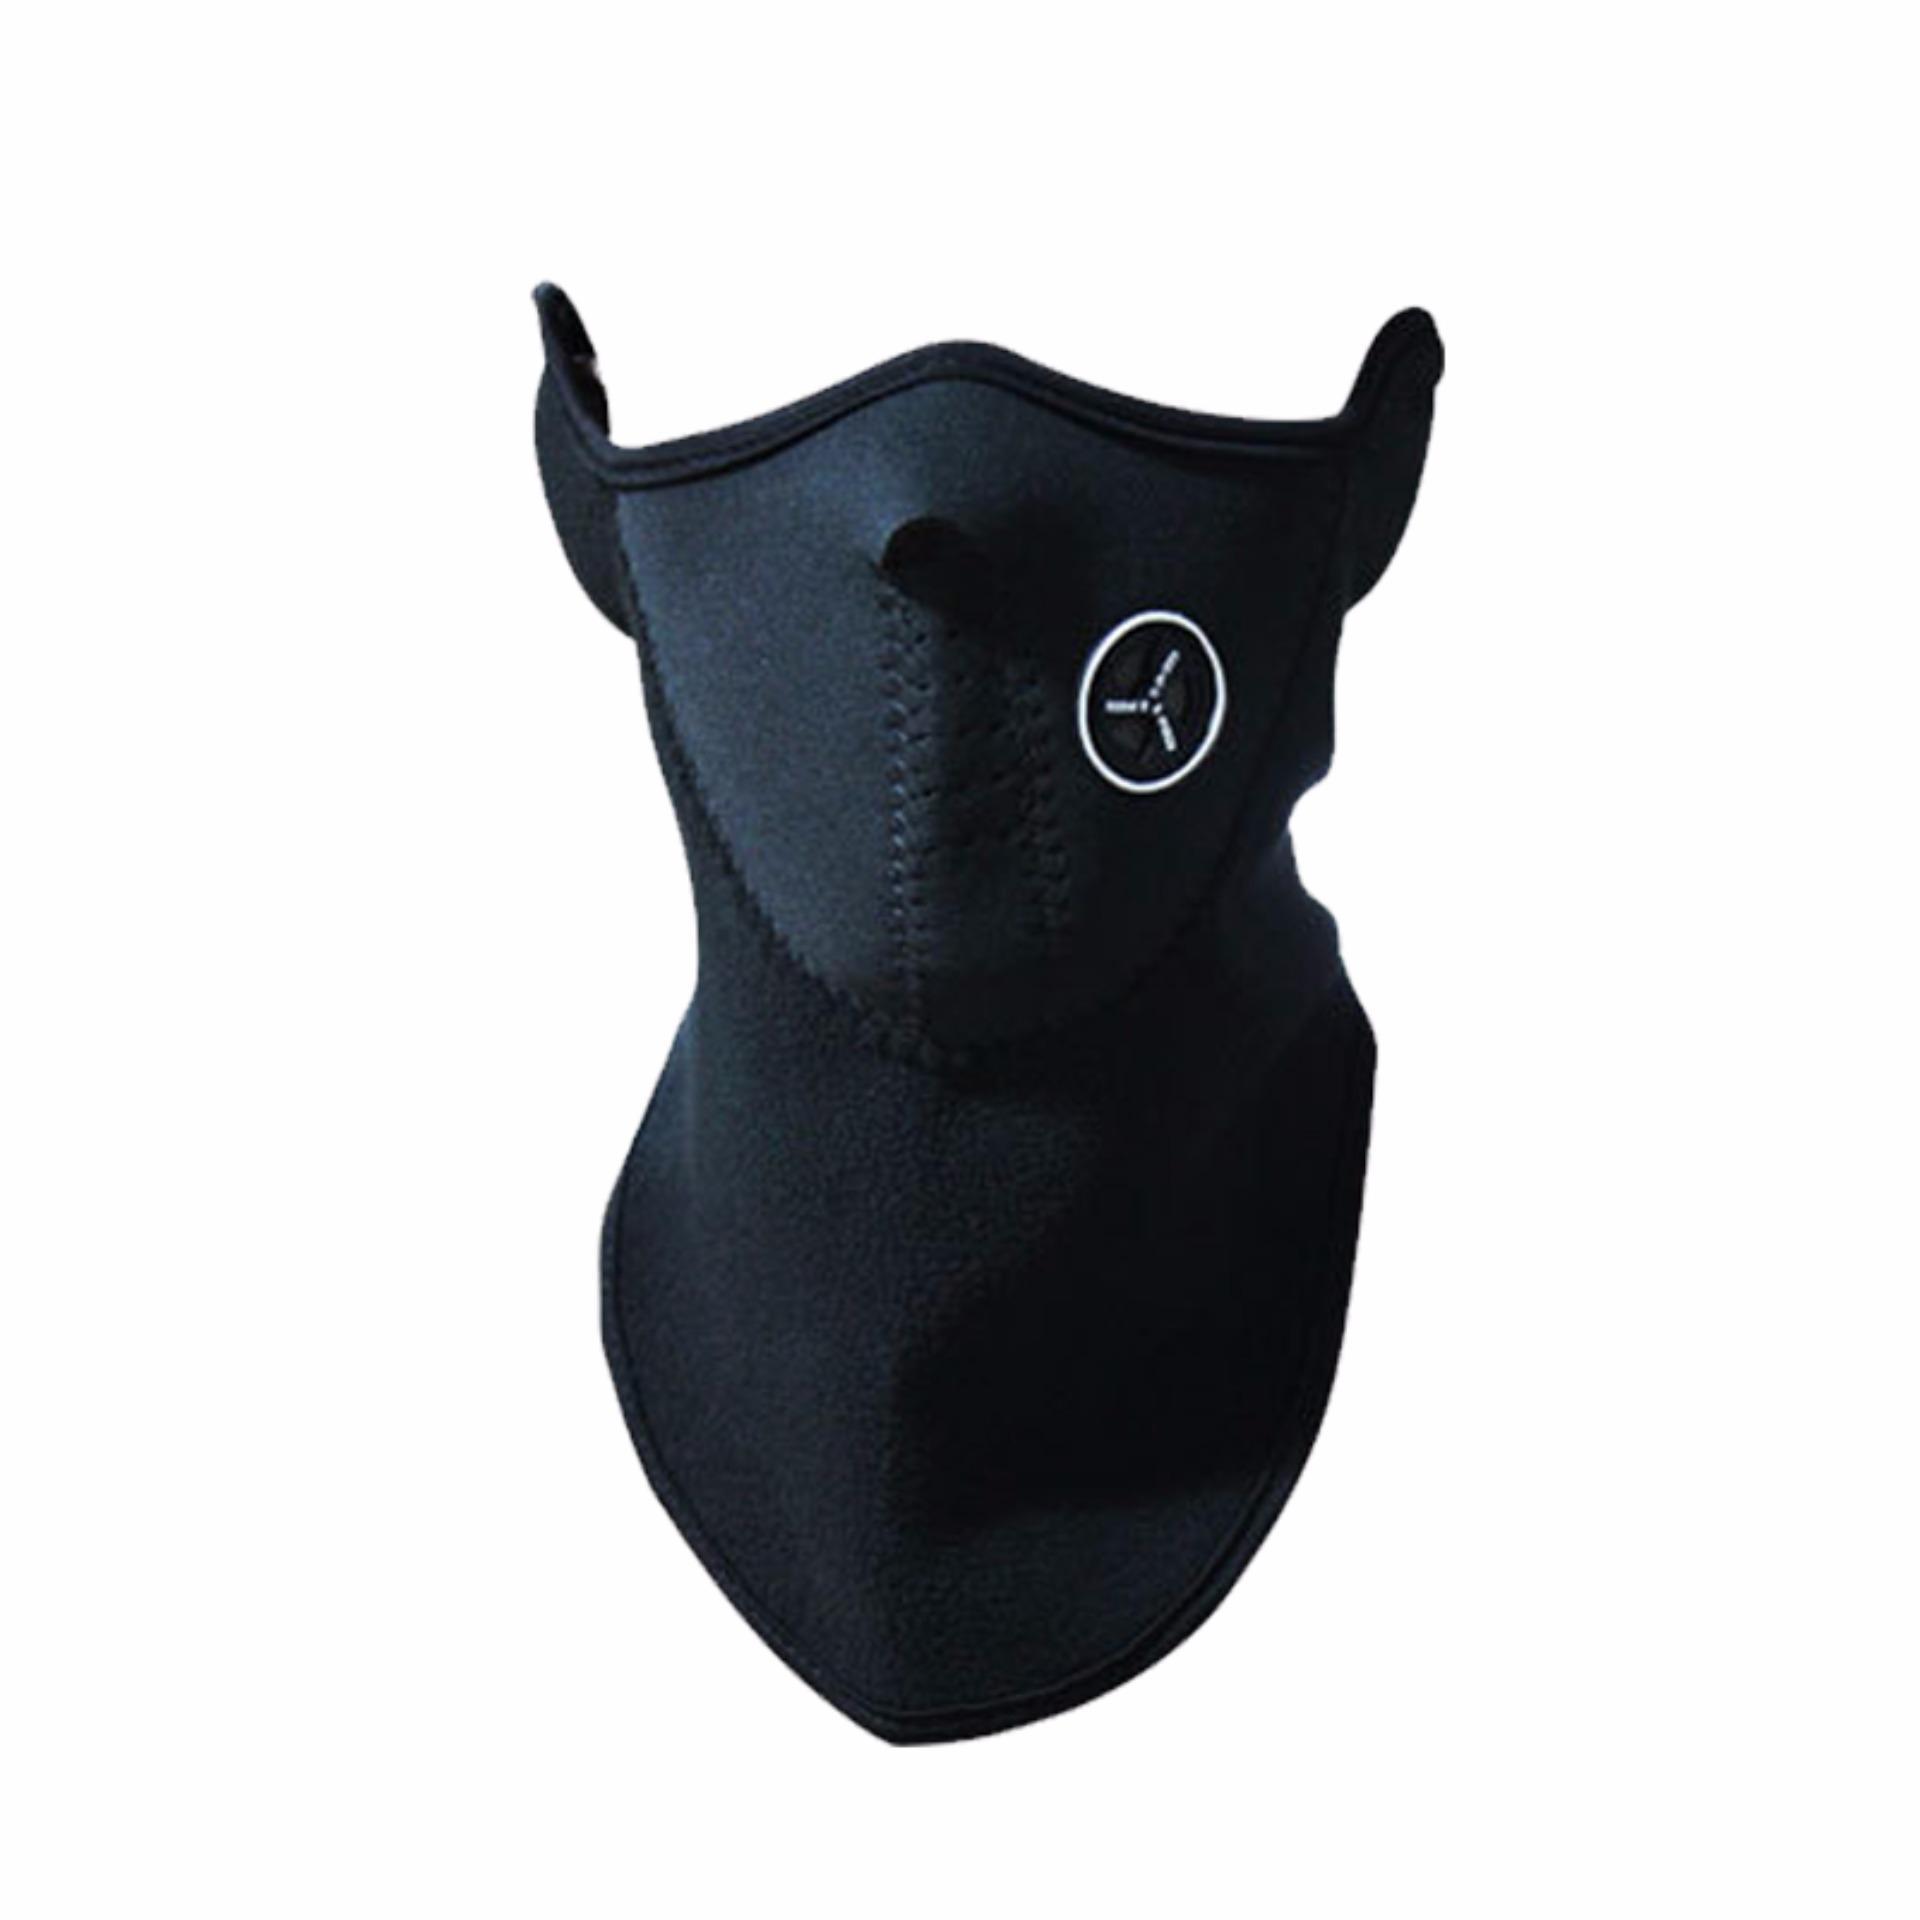 EELIC 887 Hitam Masker Penutup Muka Full Face Aman Praktis dan Nyaman Berbahan Bulu Domba Yang Lembut Dan Anti Air Sehingga Cocok Digunakan Untuk Kondisi Udara Dingin